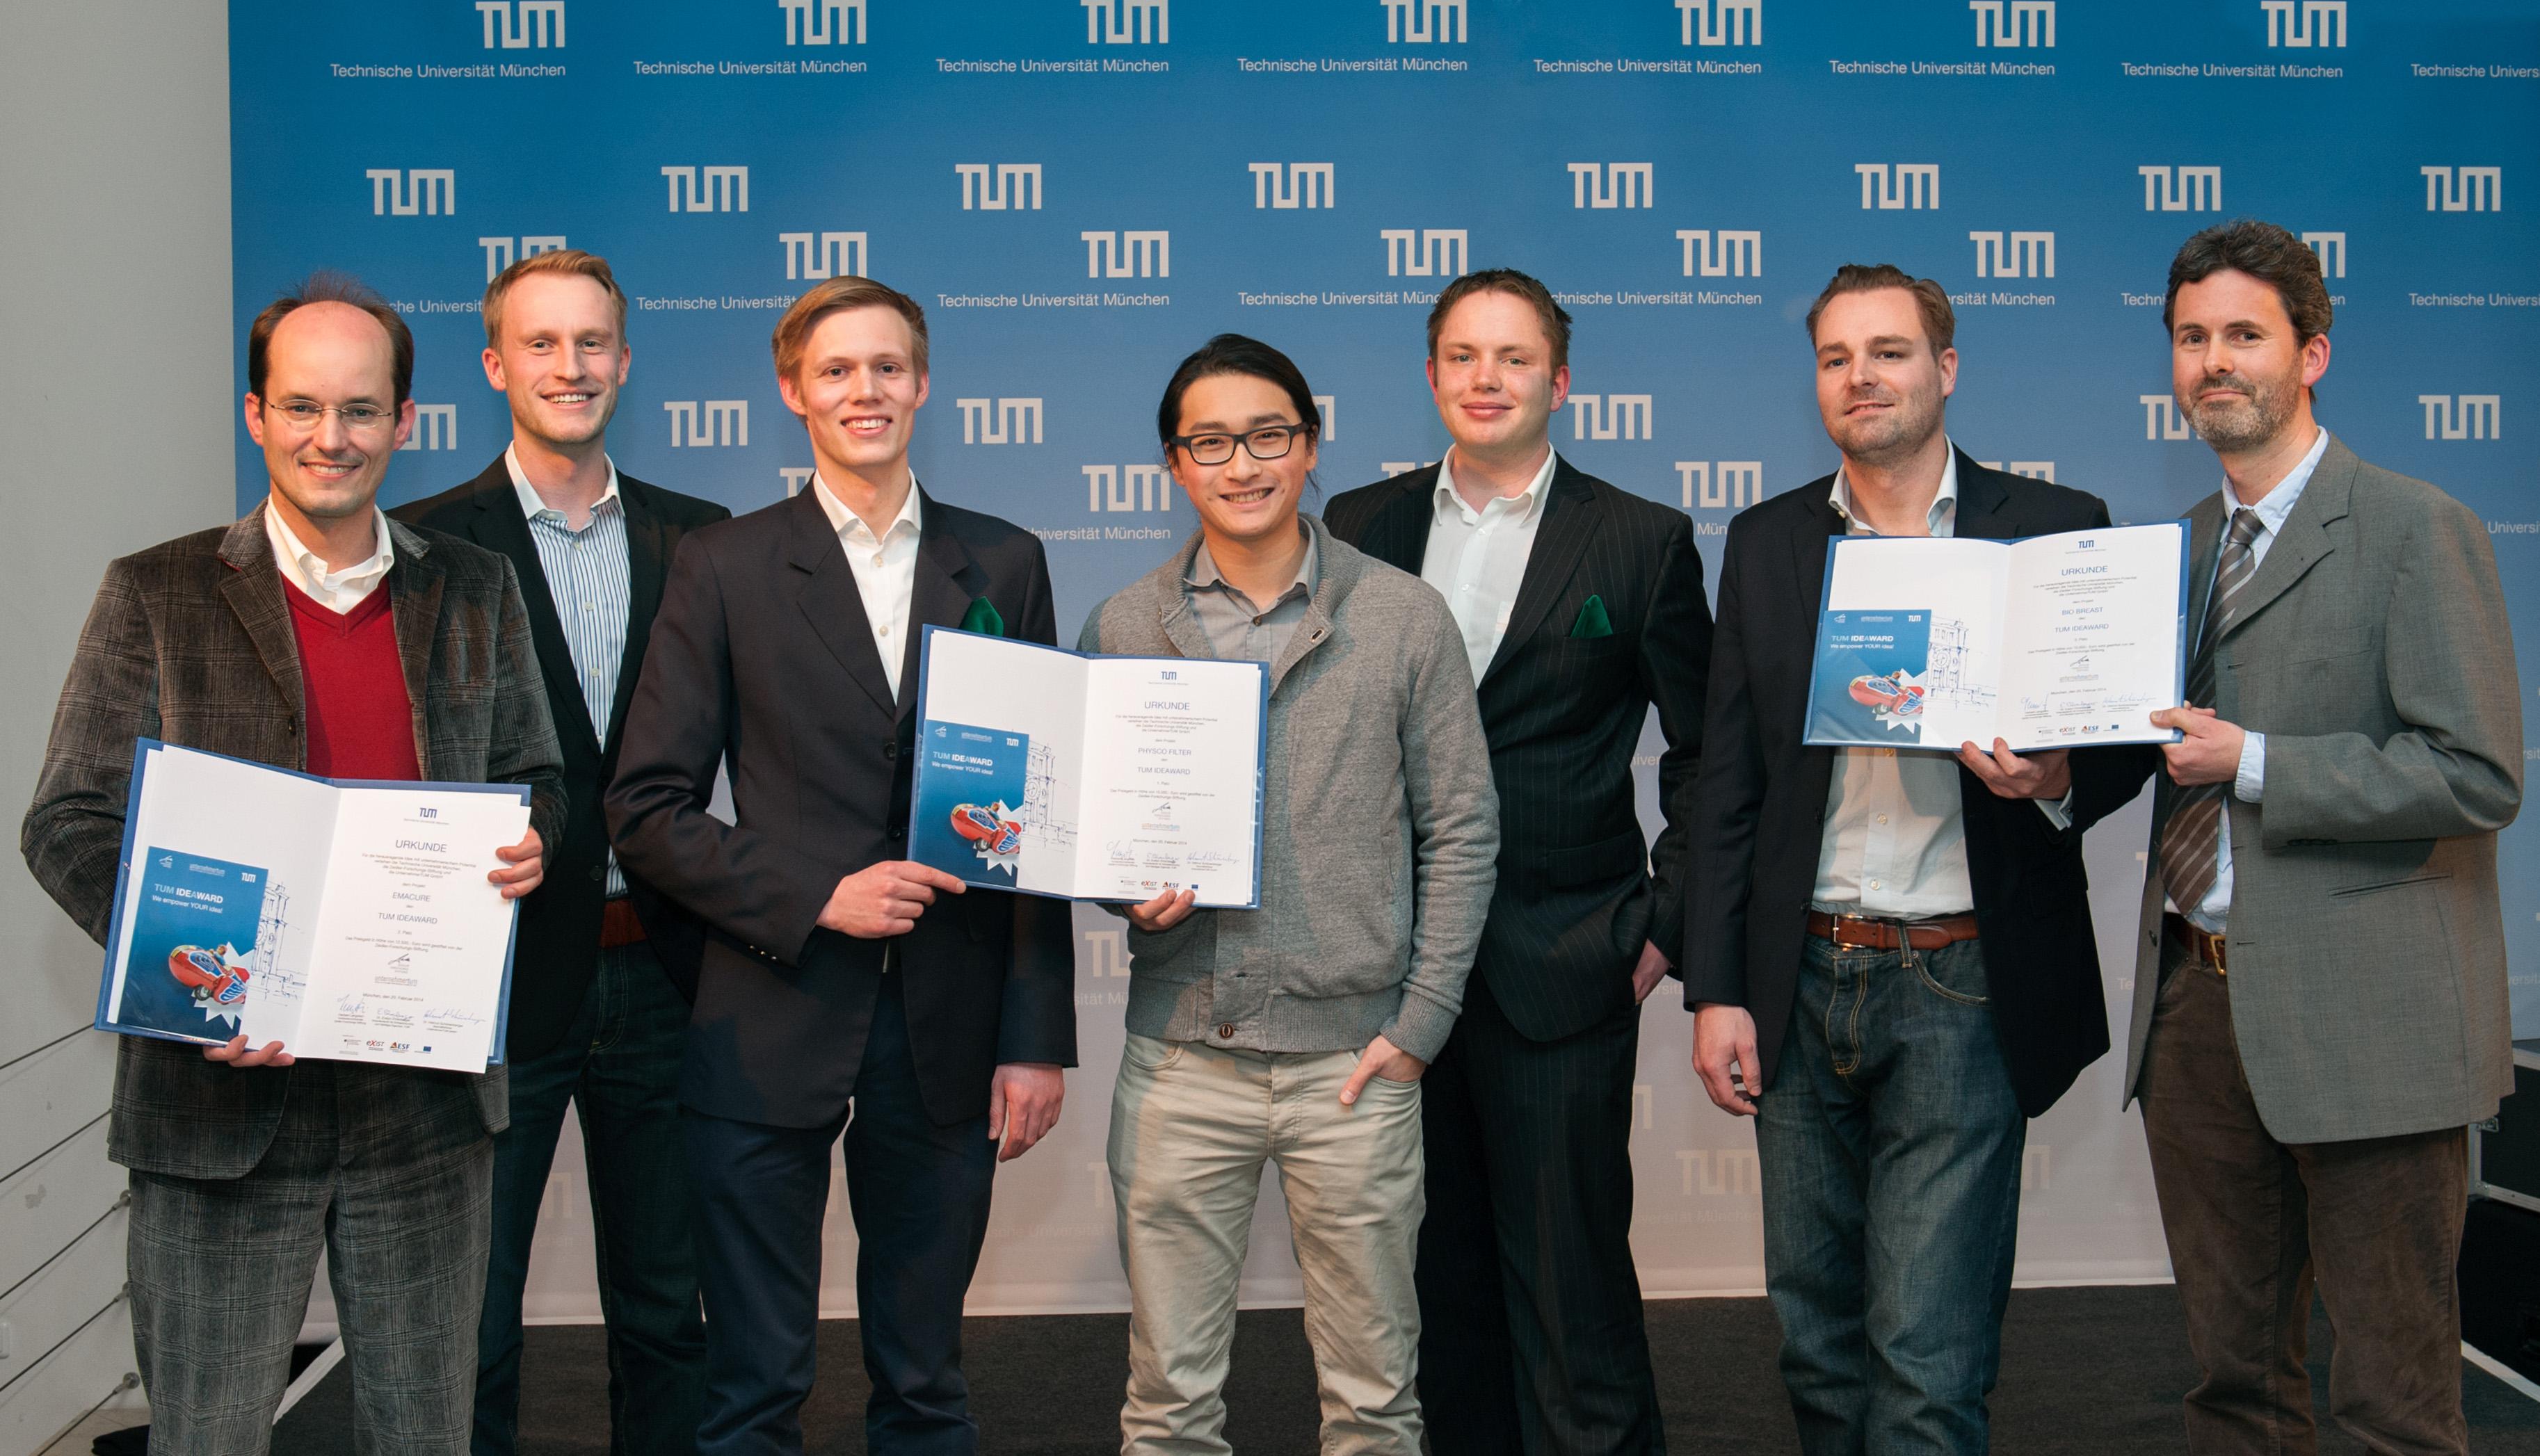 Ideen mit Marktpotential: Die Gewinner des TUM IdeAward 2013